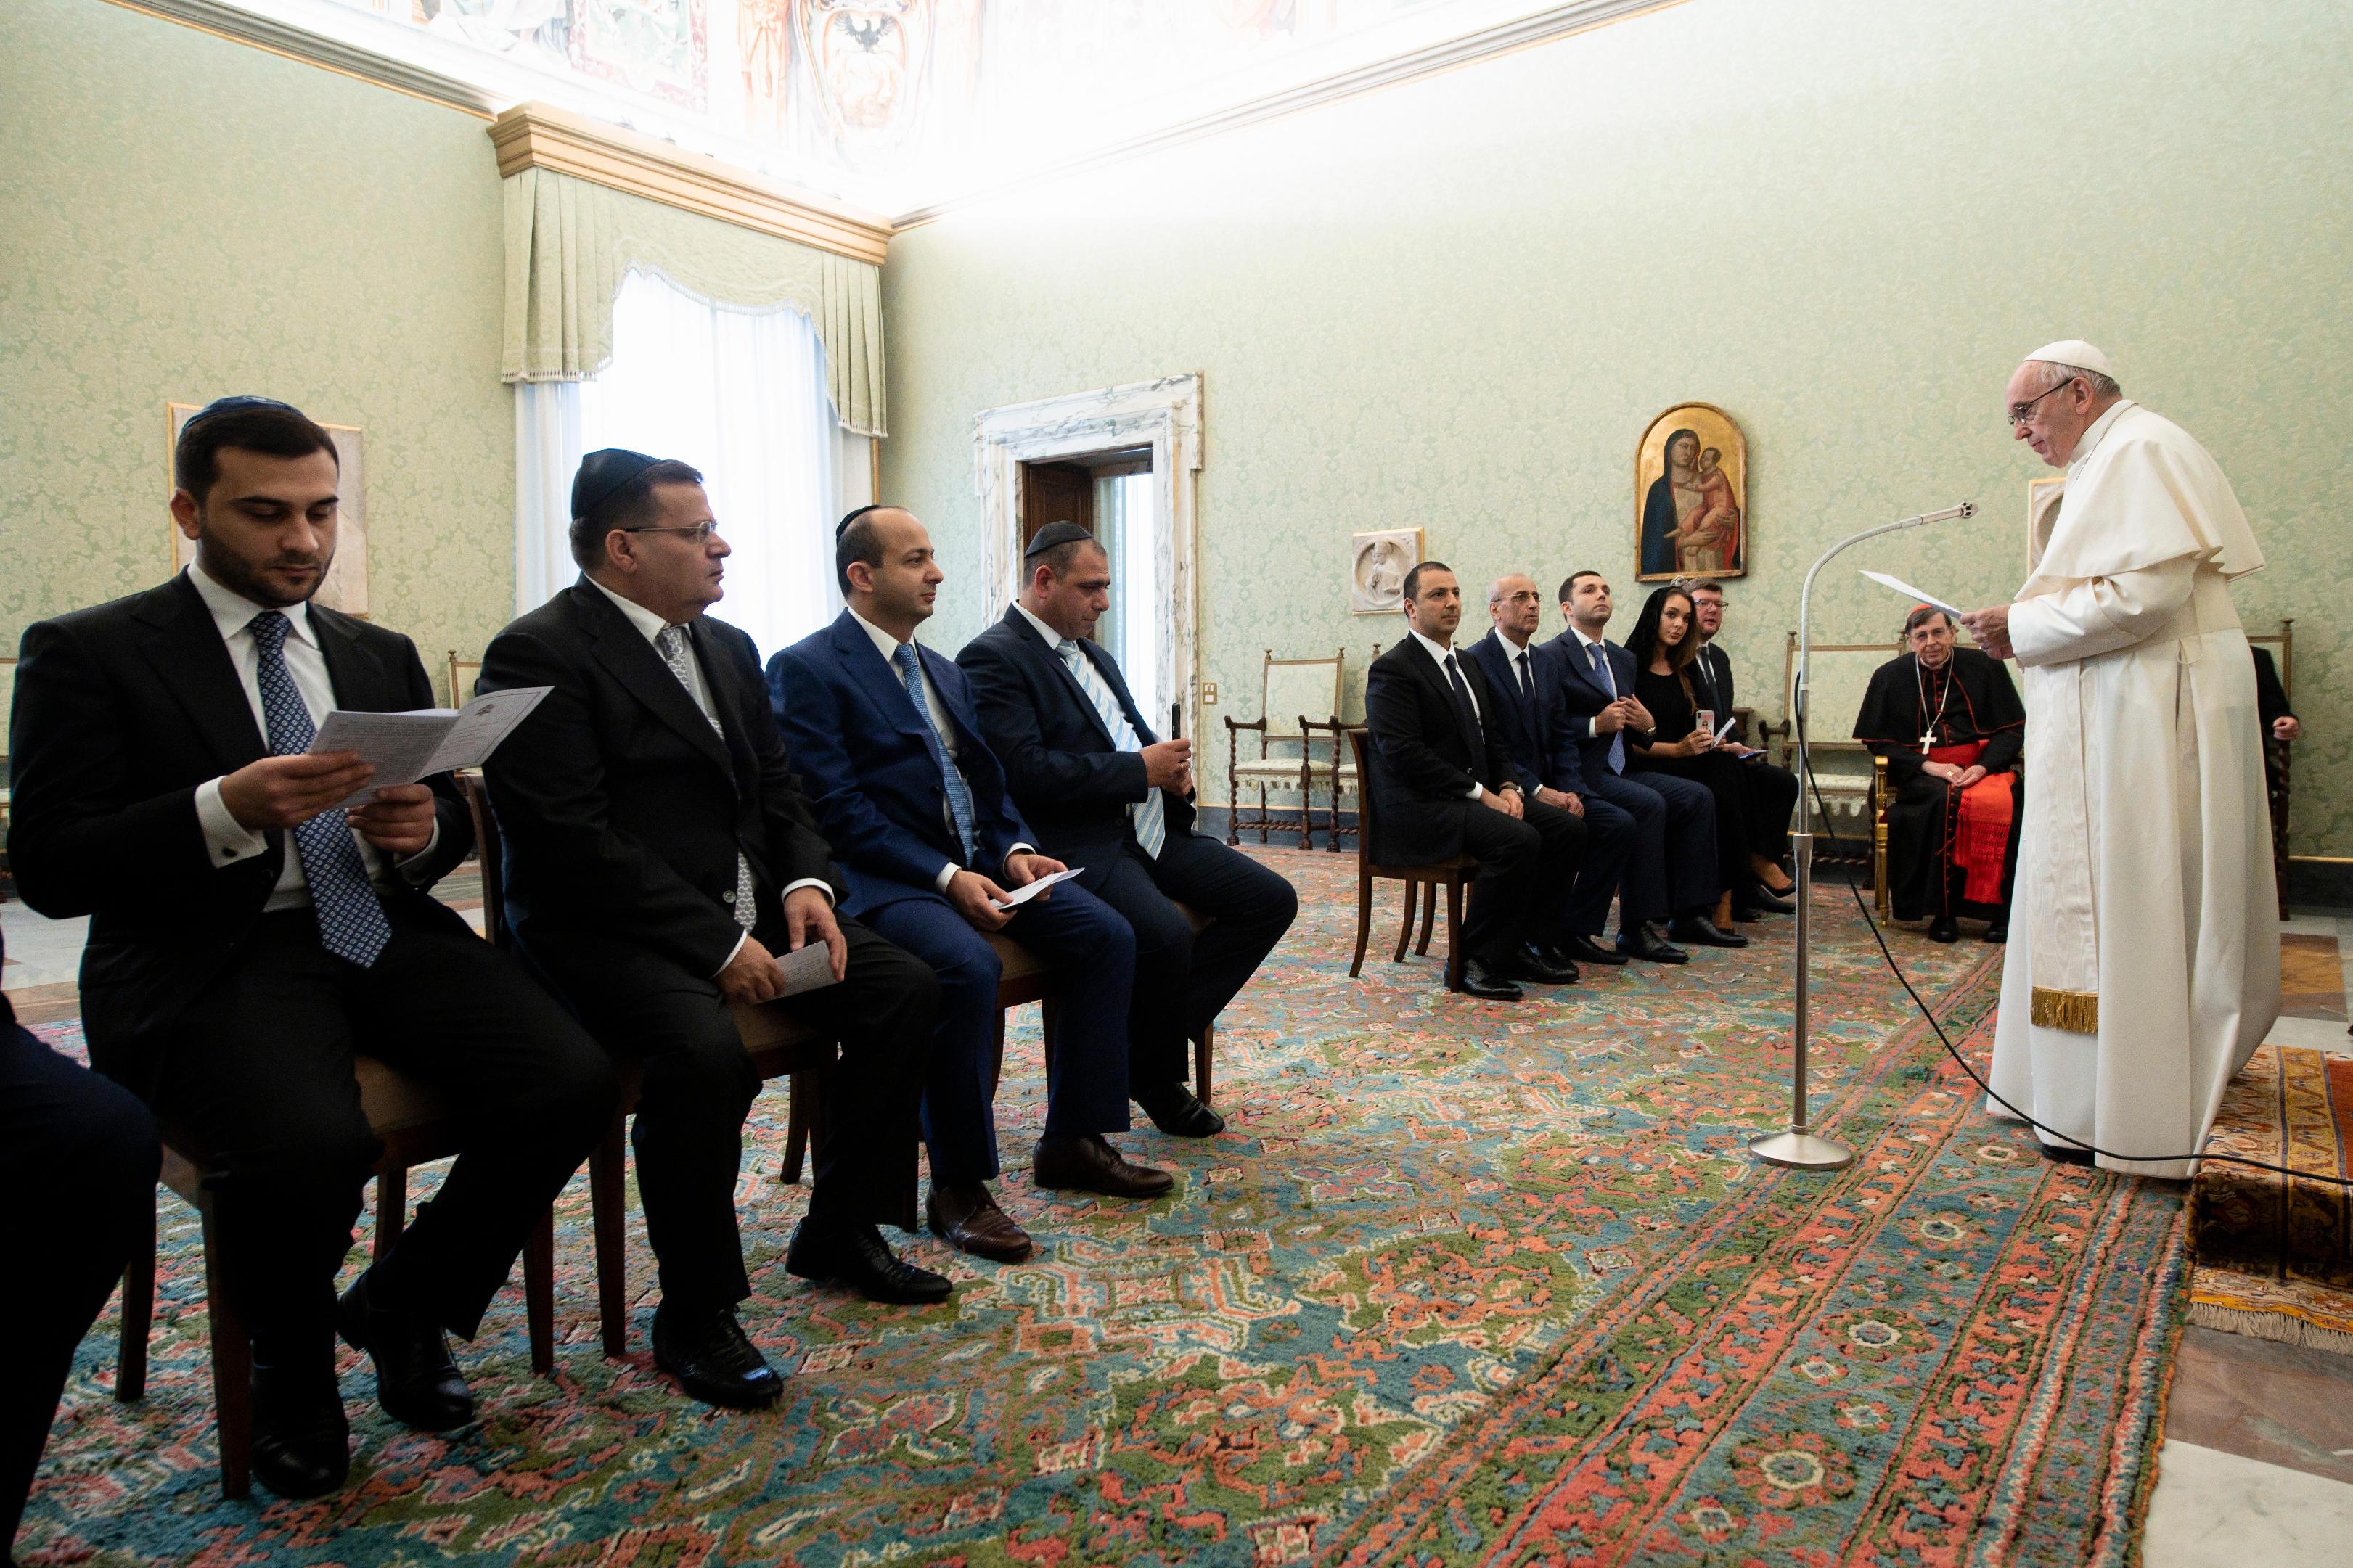 Audiencia del Papa con rabinos © Vatican Media